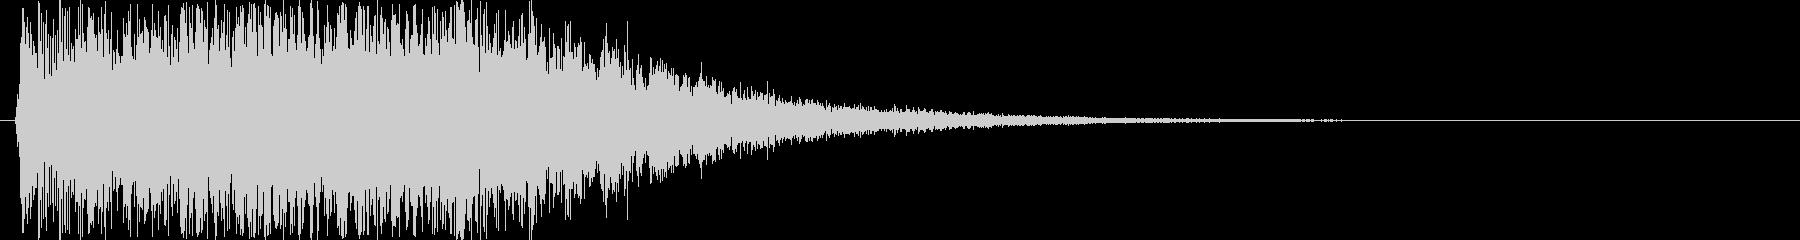 パワーアップ・ダウン 派手めなピコピコ音の未再生の波形